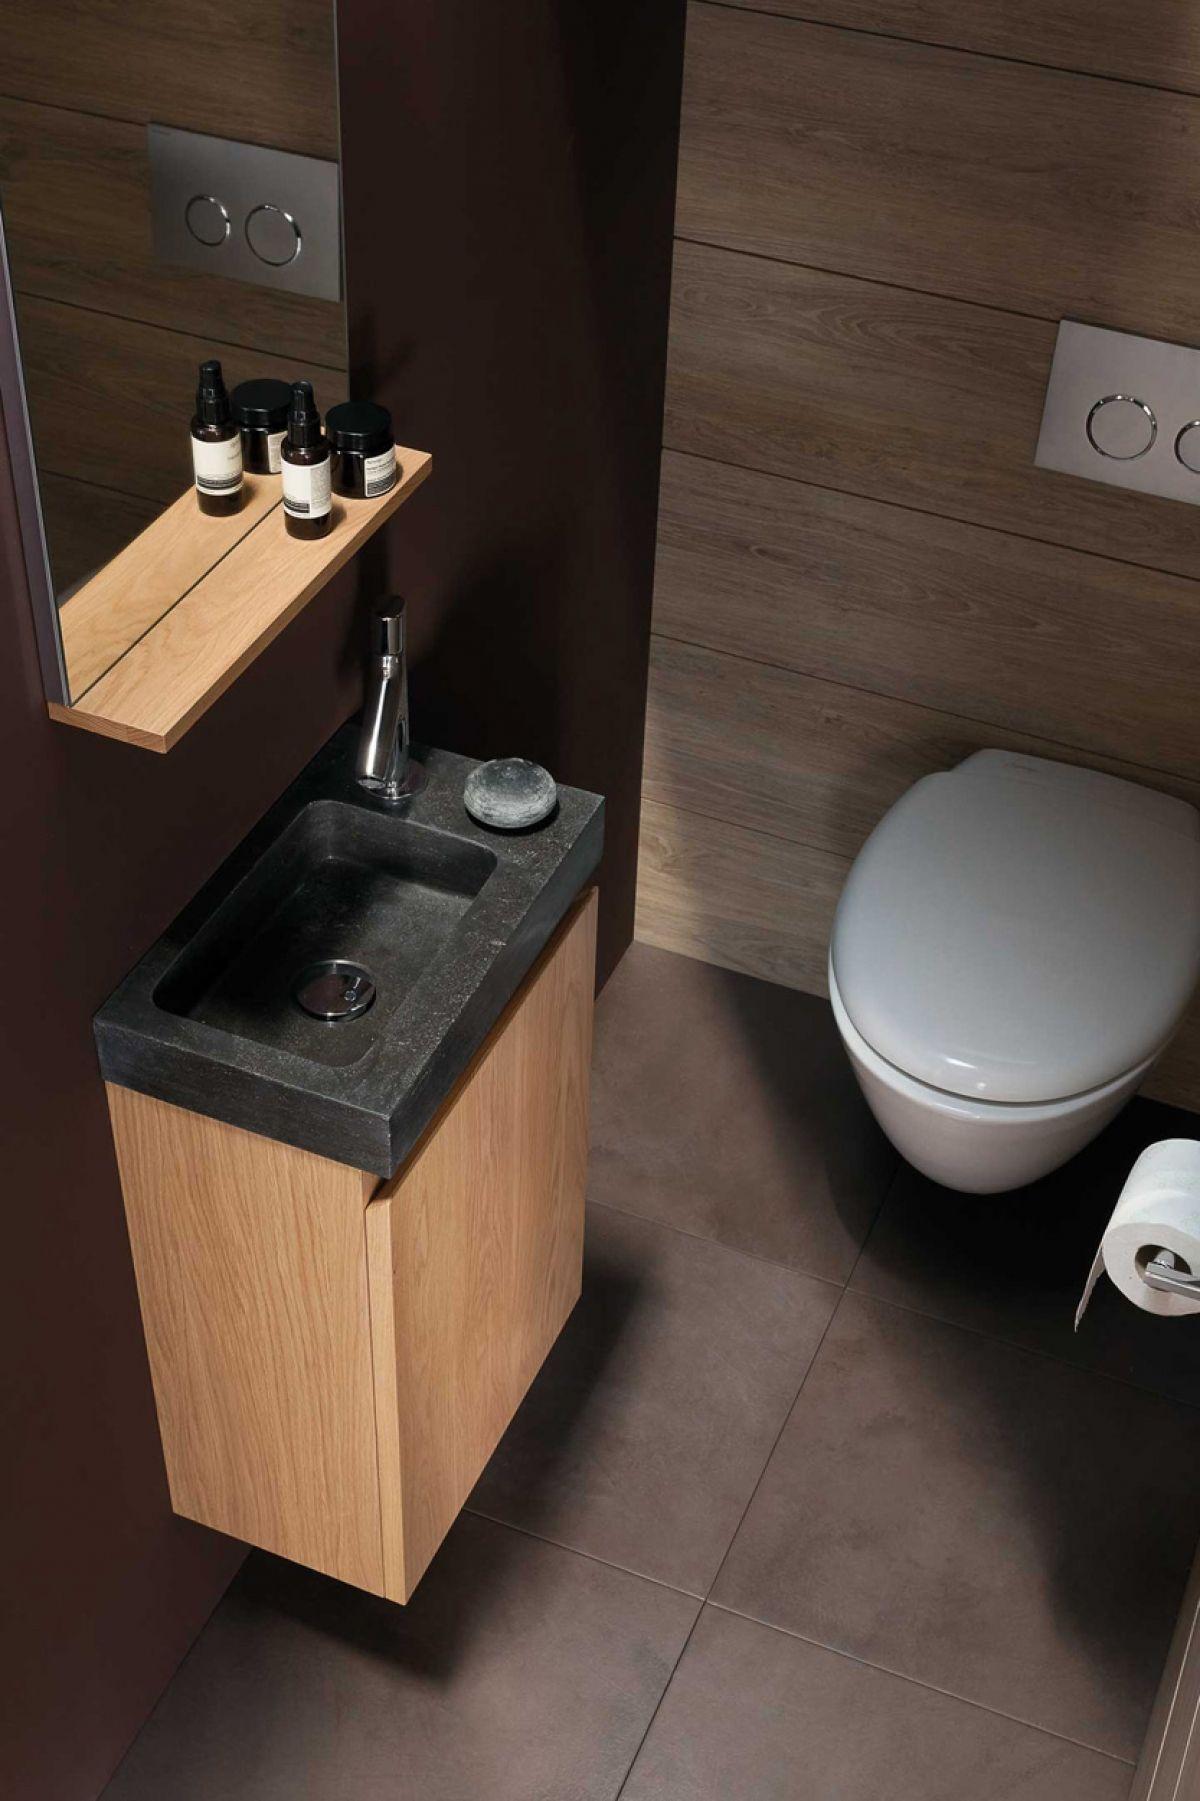 Ensemble Lave Mains Et Miroir Pop Nature Sanijura Meuble Lave Main Wc Lave Main Toilette Lave Main Wc